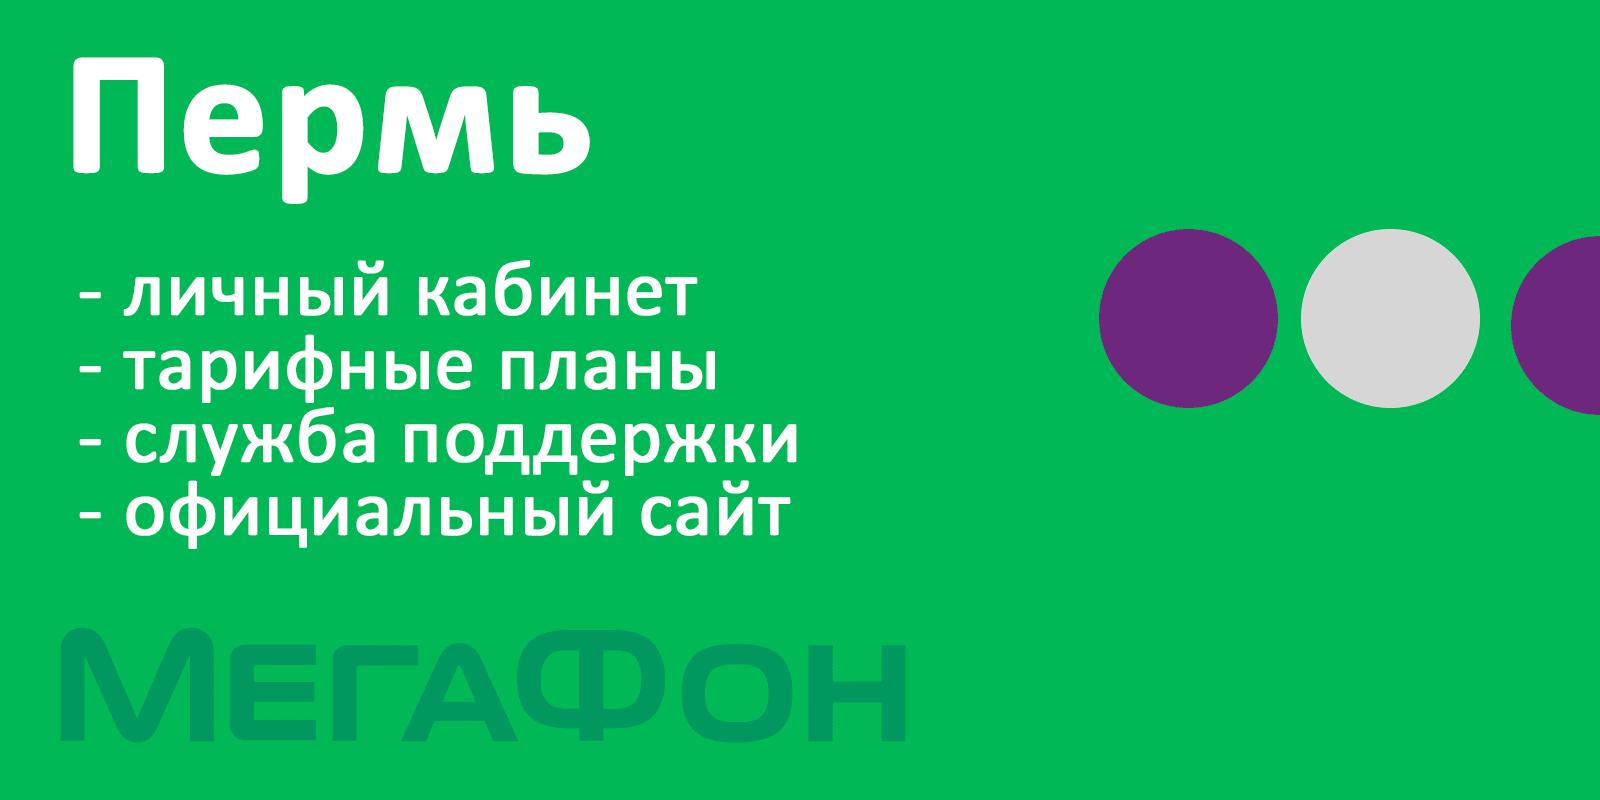 Мегафон Пермь - личный кабинет, тарифы, официальный сайт